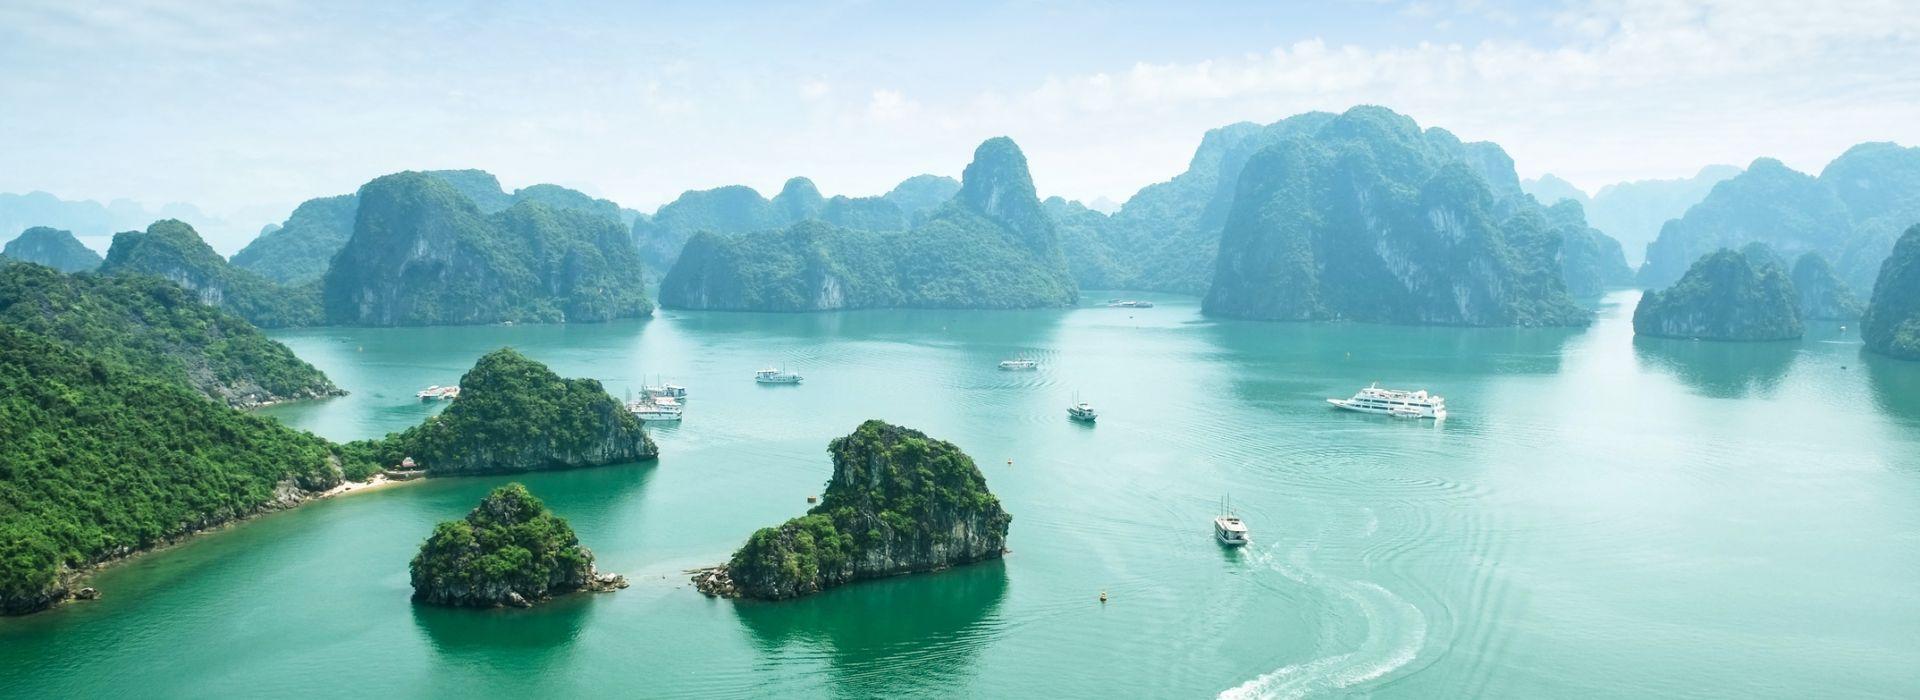 Sightseeing Tours in Ninh Binh